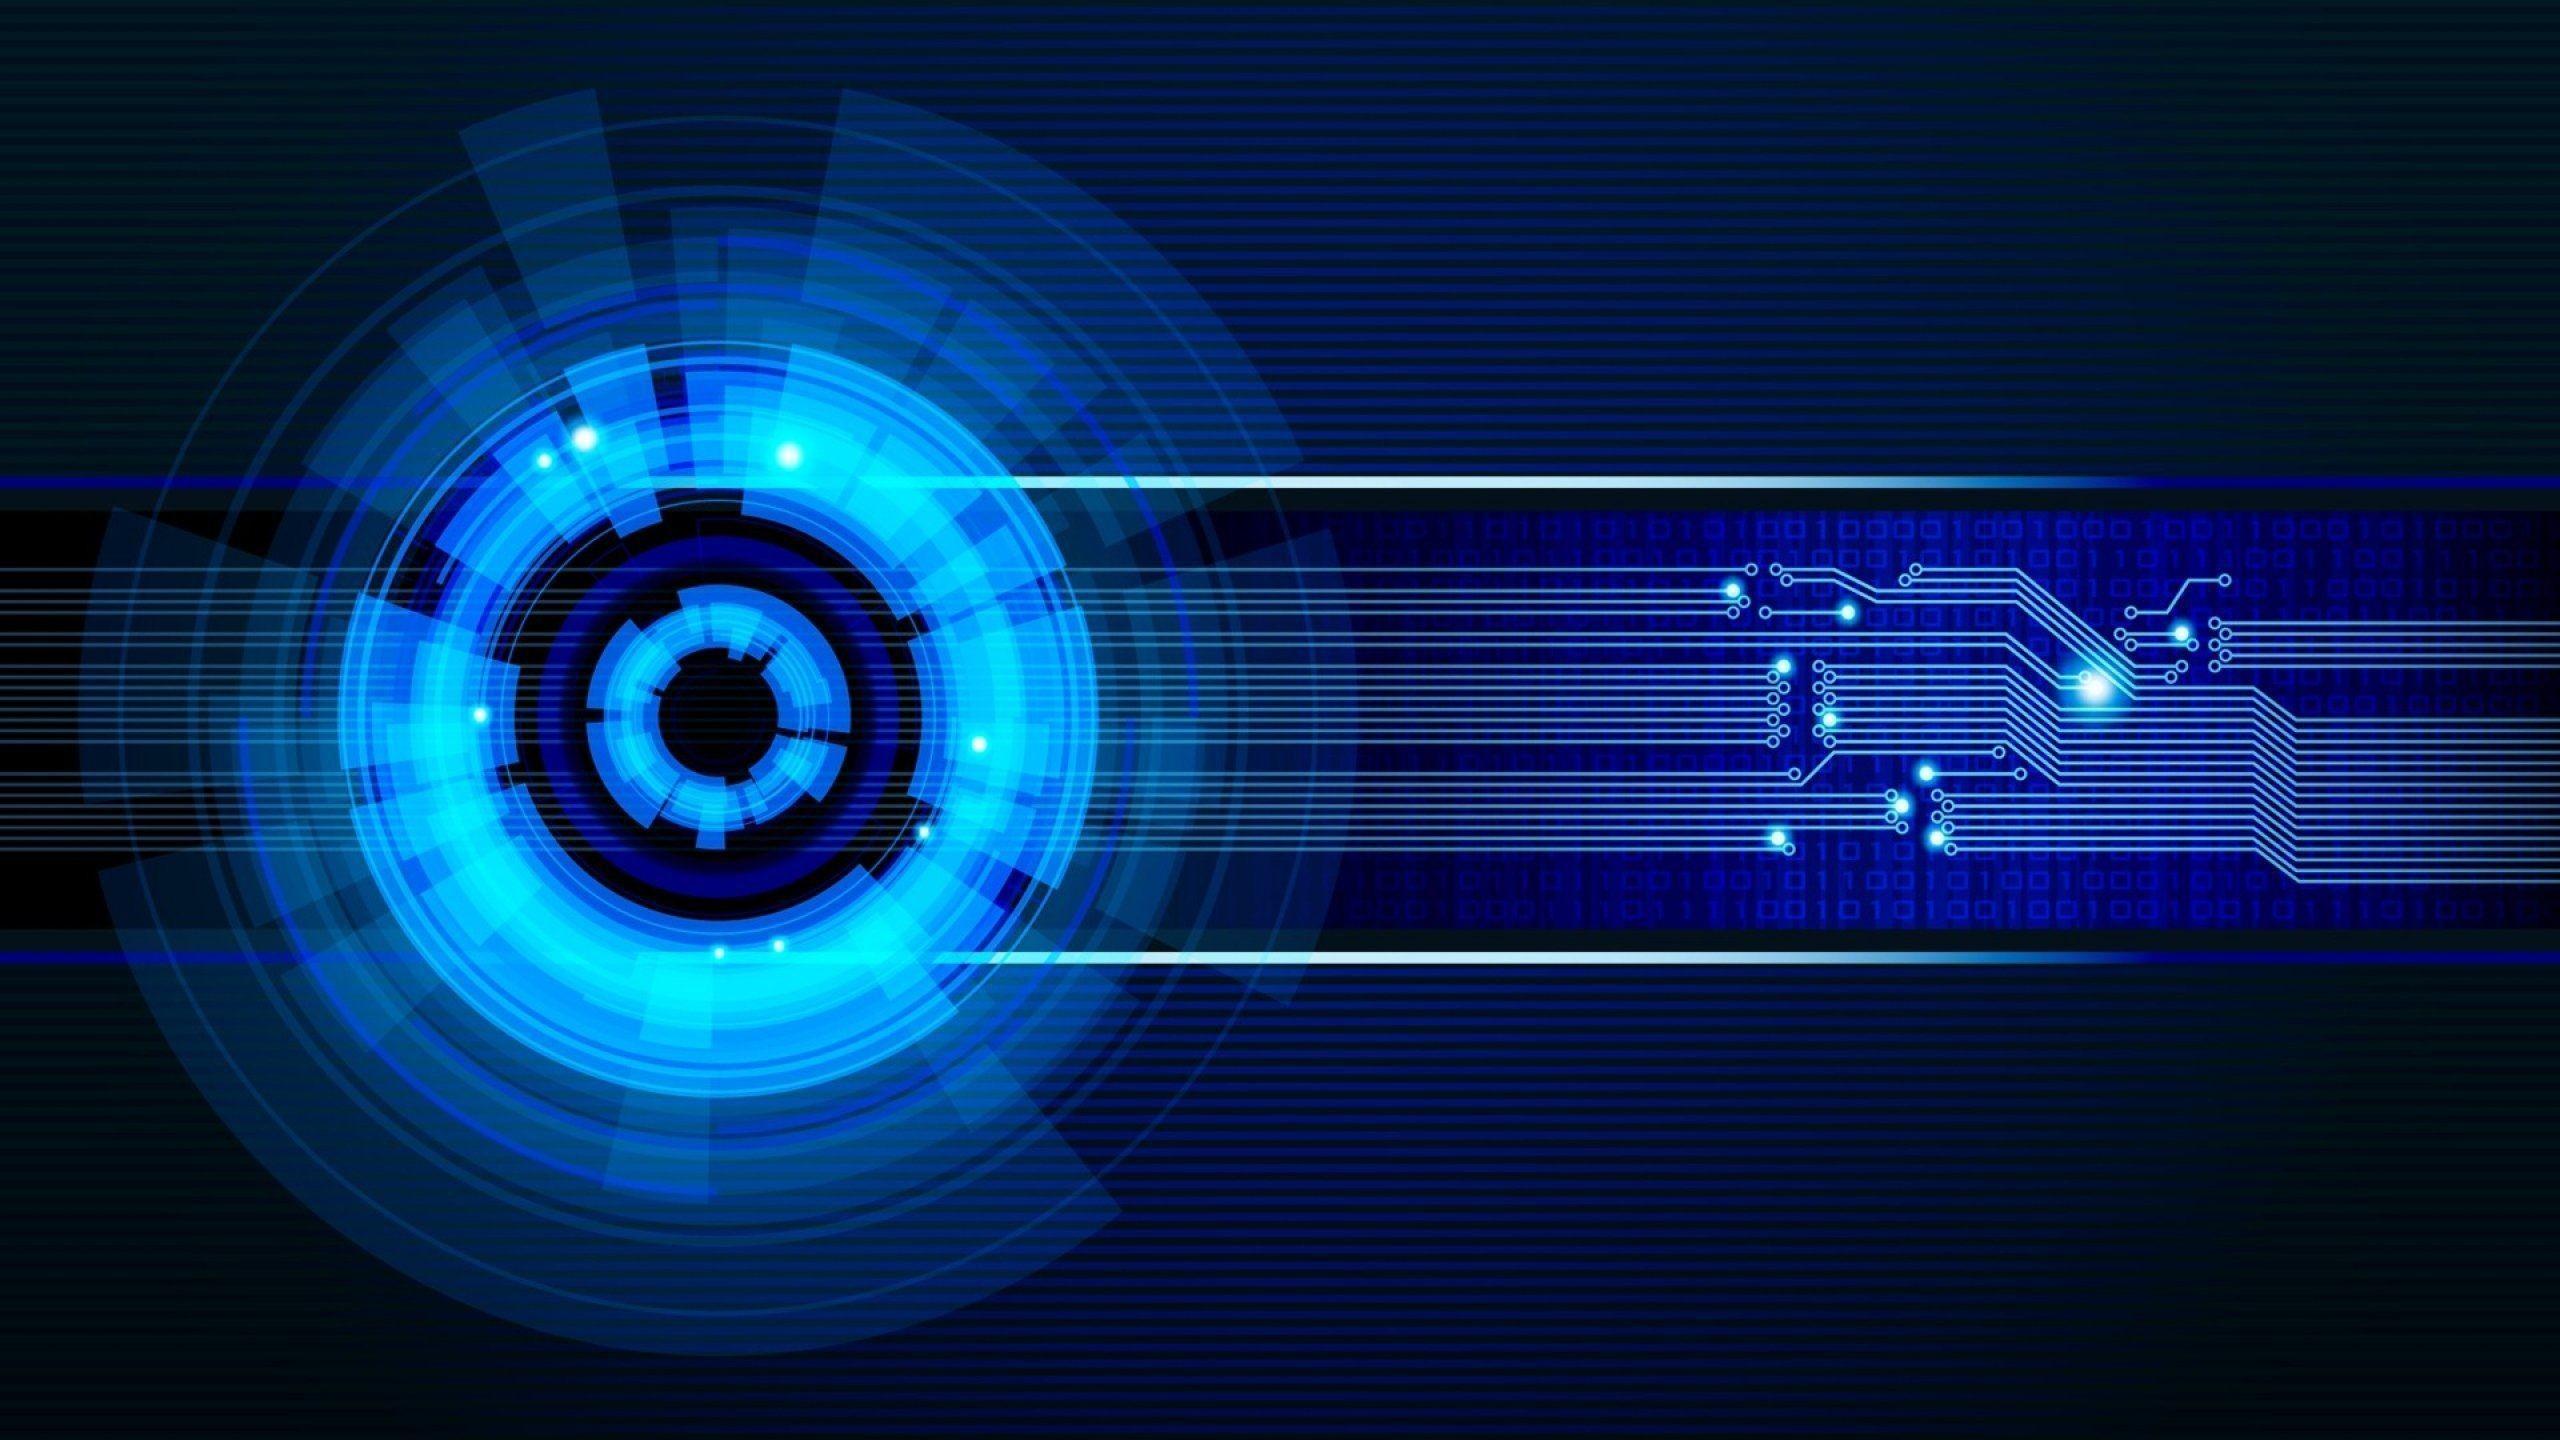 Blue Technology: Blue Tech Wallpaper (66+ Images